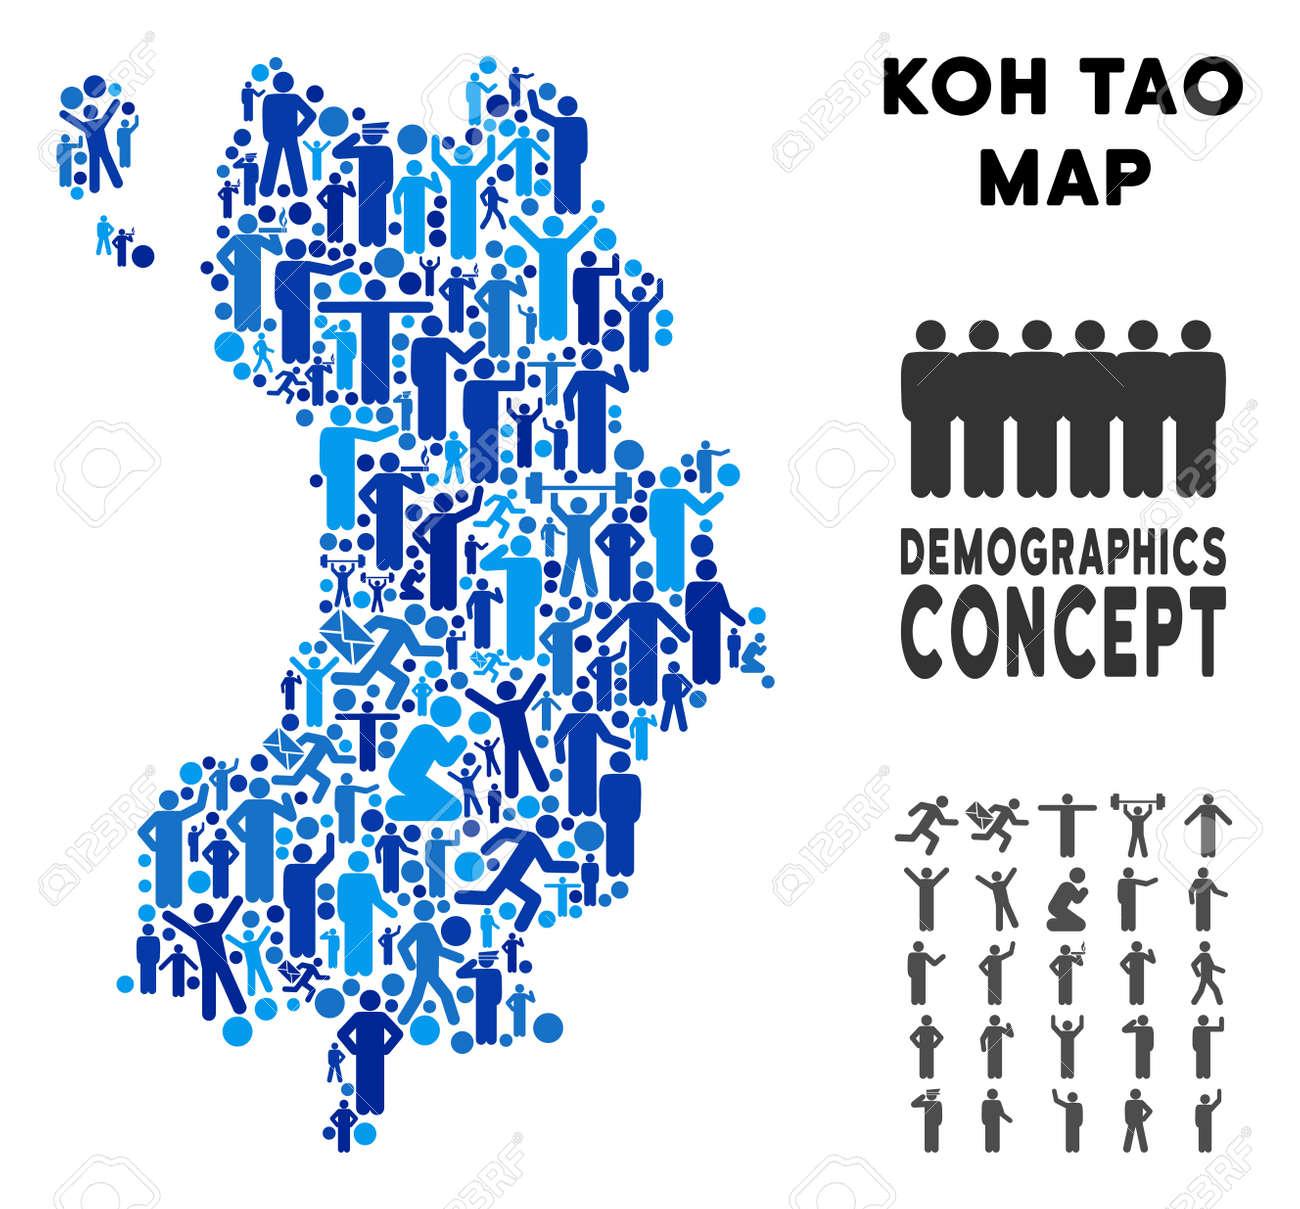 Vector potion Koh Tao Thai Island map. Demography abstraction.. on koh lanta thailand, koh samed thailand map, koh kood thailand map, koh phi phi thailand map, bophut thailand map, chiang mai thailand map, koh kut thailand map, cha-am thailand map, krabi thailand map, ancient china han empire map, kuala lumpur thailand map, koh nang yuan thailand map, nakhon phanom thailand map, suratthani thailand map, satun thailand map, pattaya thailand map, mae sai thailand map, pee pee island thailand map, koh kradan thailand map, cebu taoist temple map,